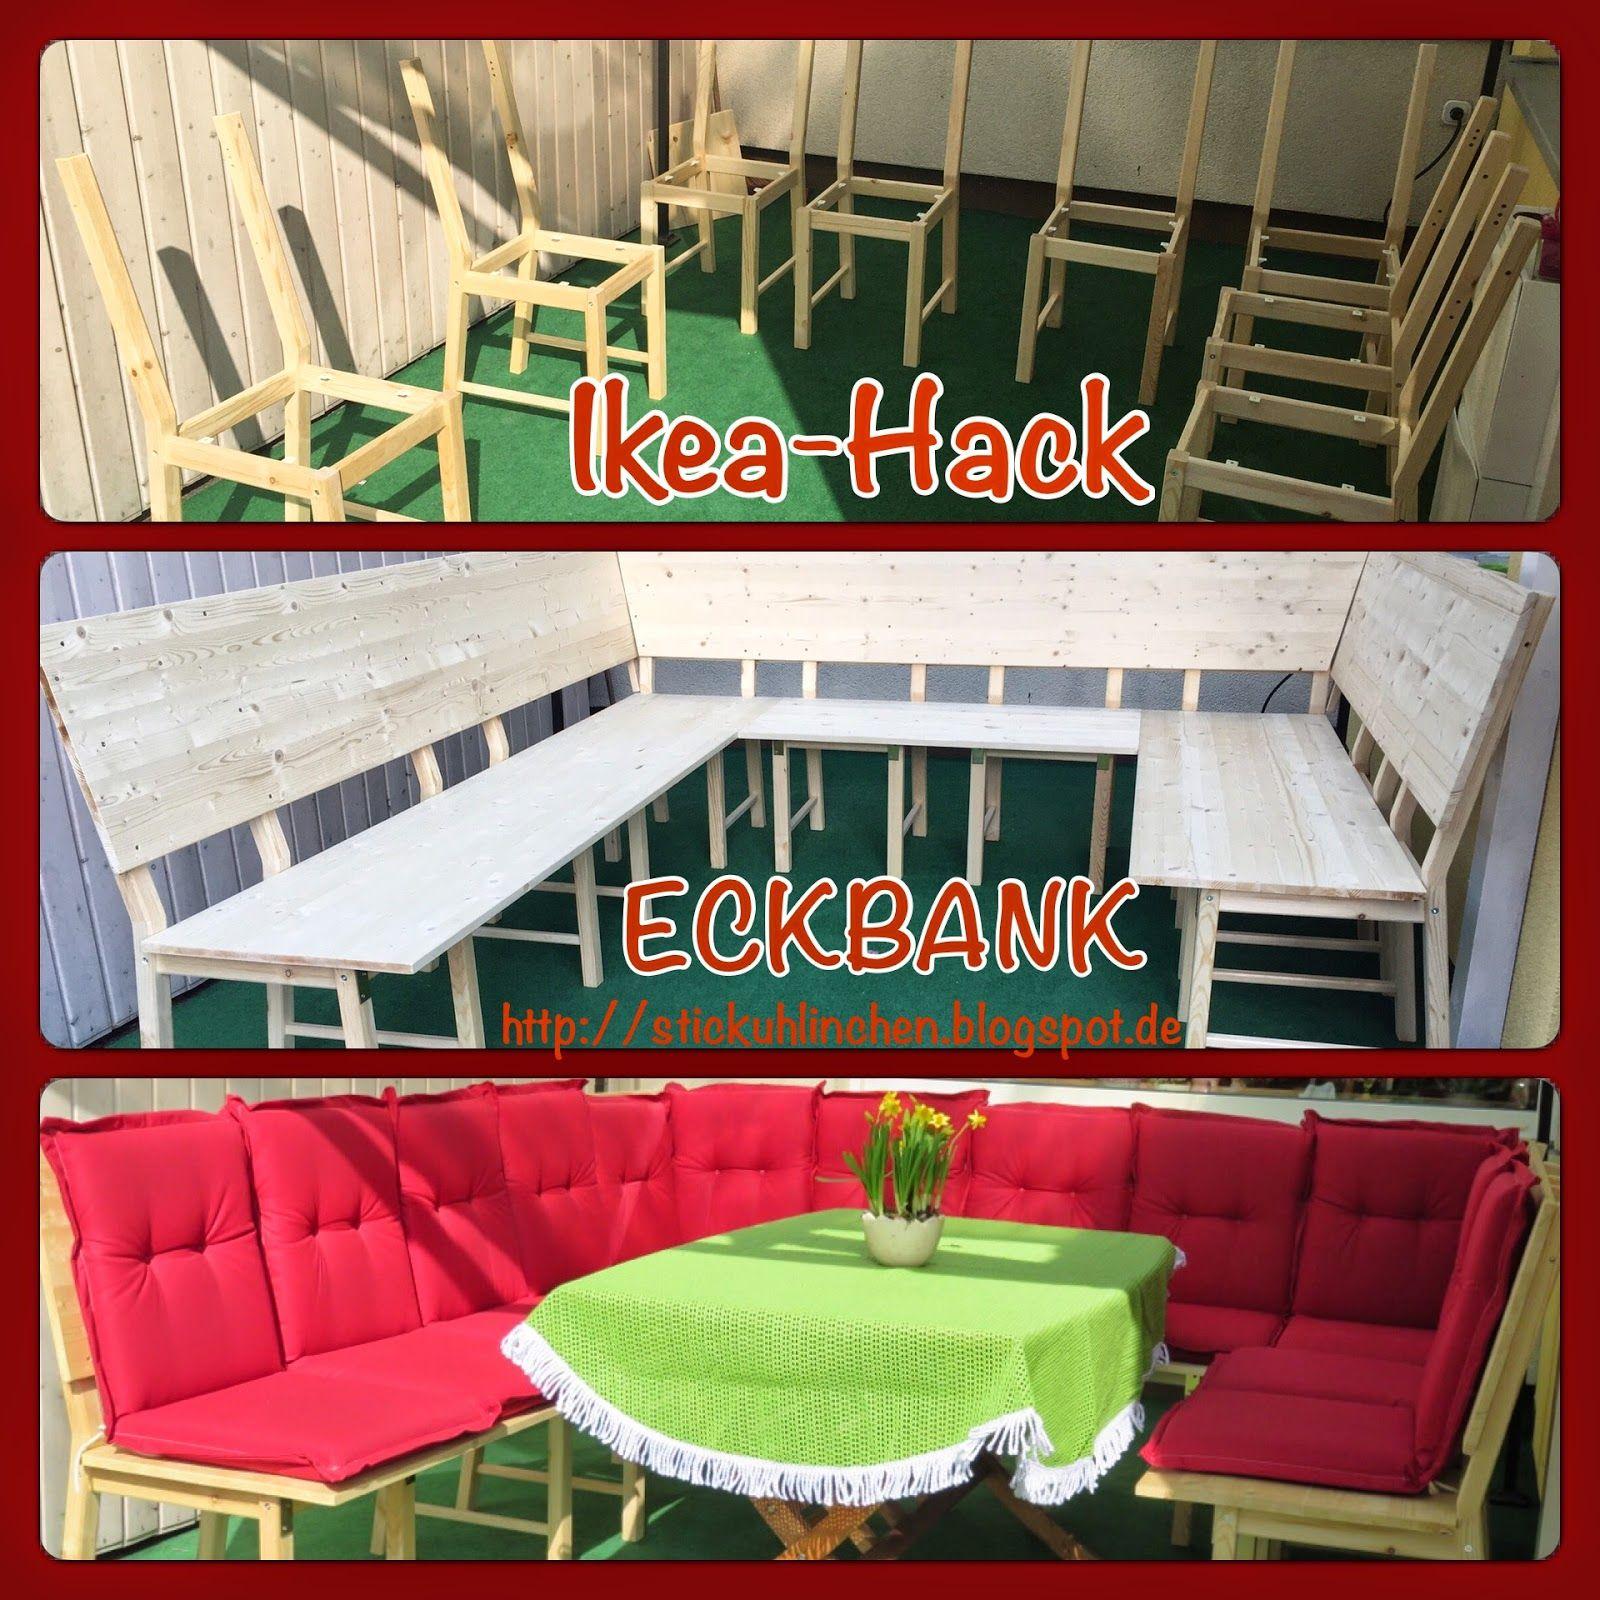 diy ikea hack - aus 8 stühlen wird eine große eckbank bzw. lounge